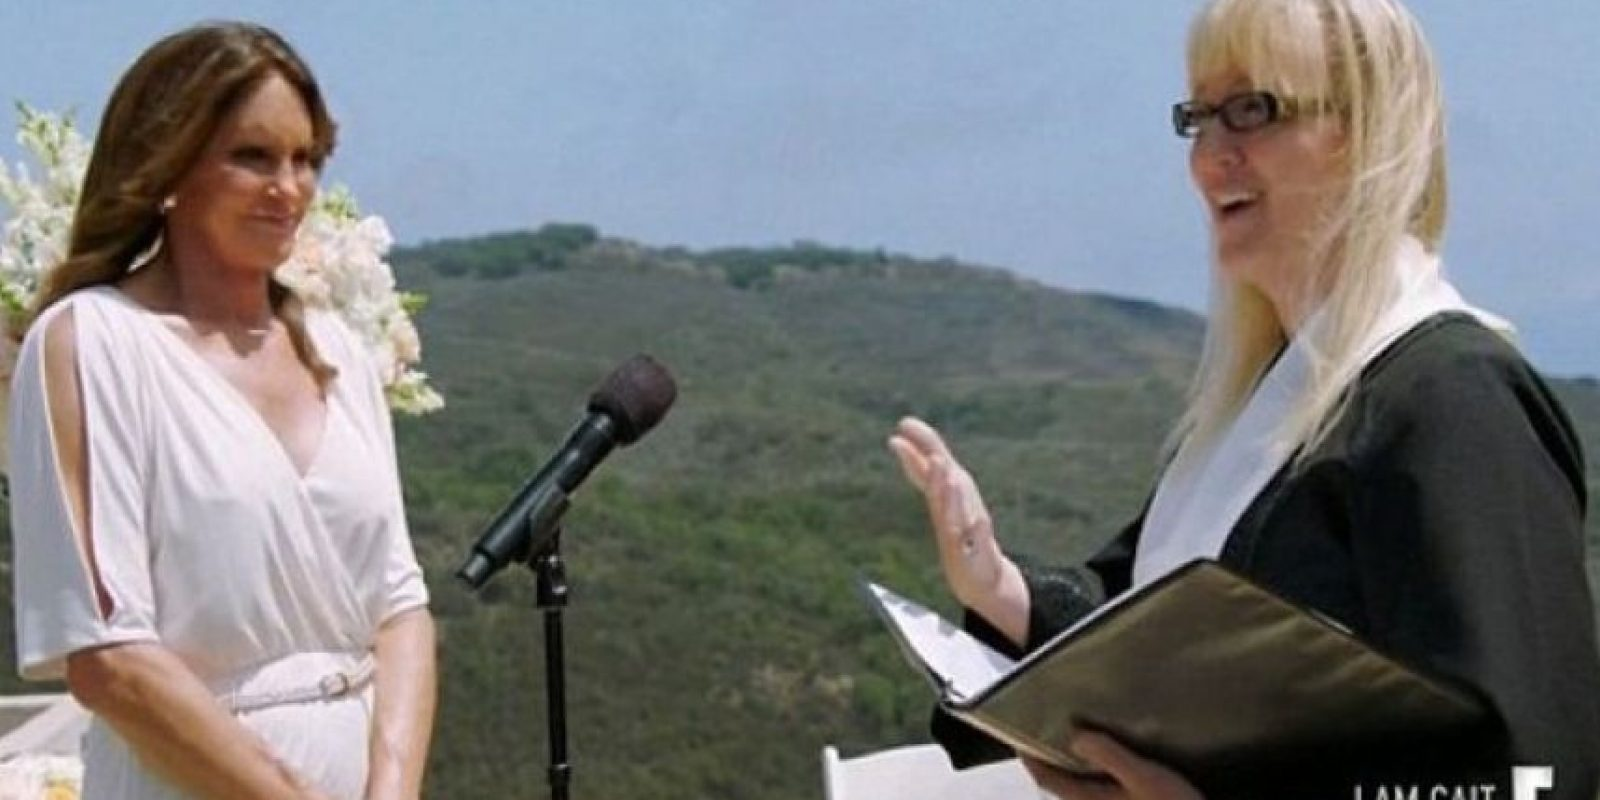 La ceremonia estuvo presidida por la pastora Allyson Dylan Robinson Foto:E! News